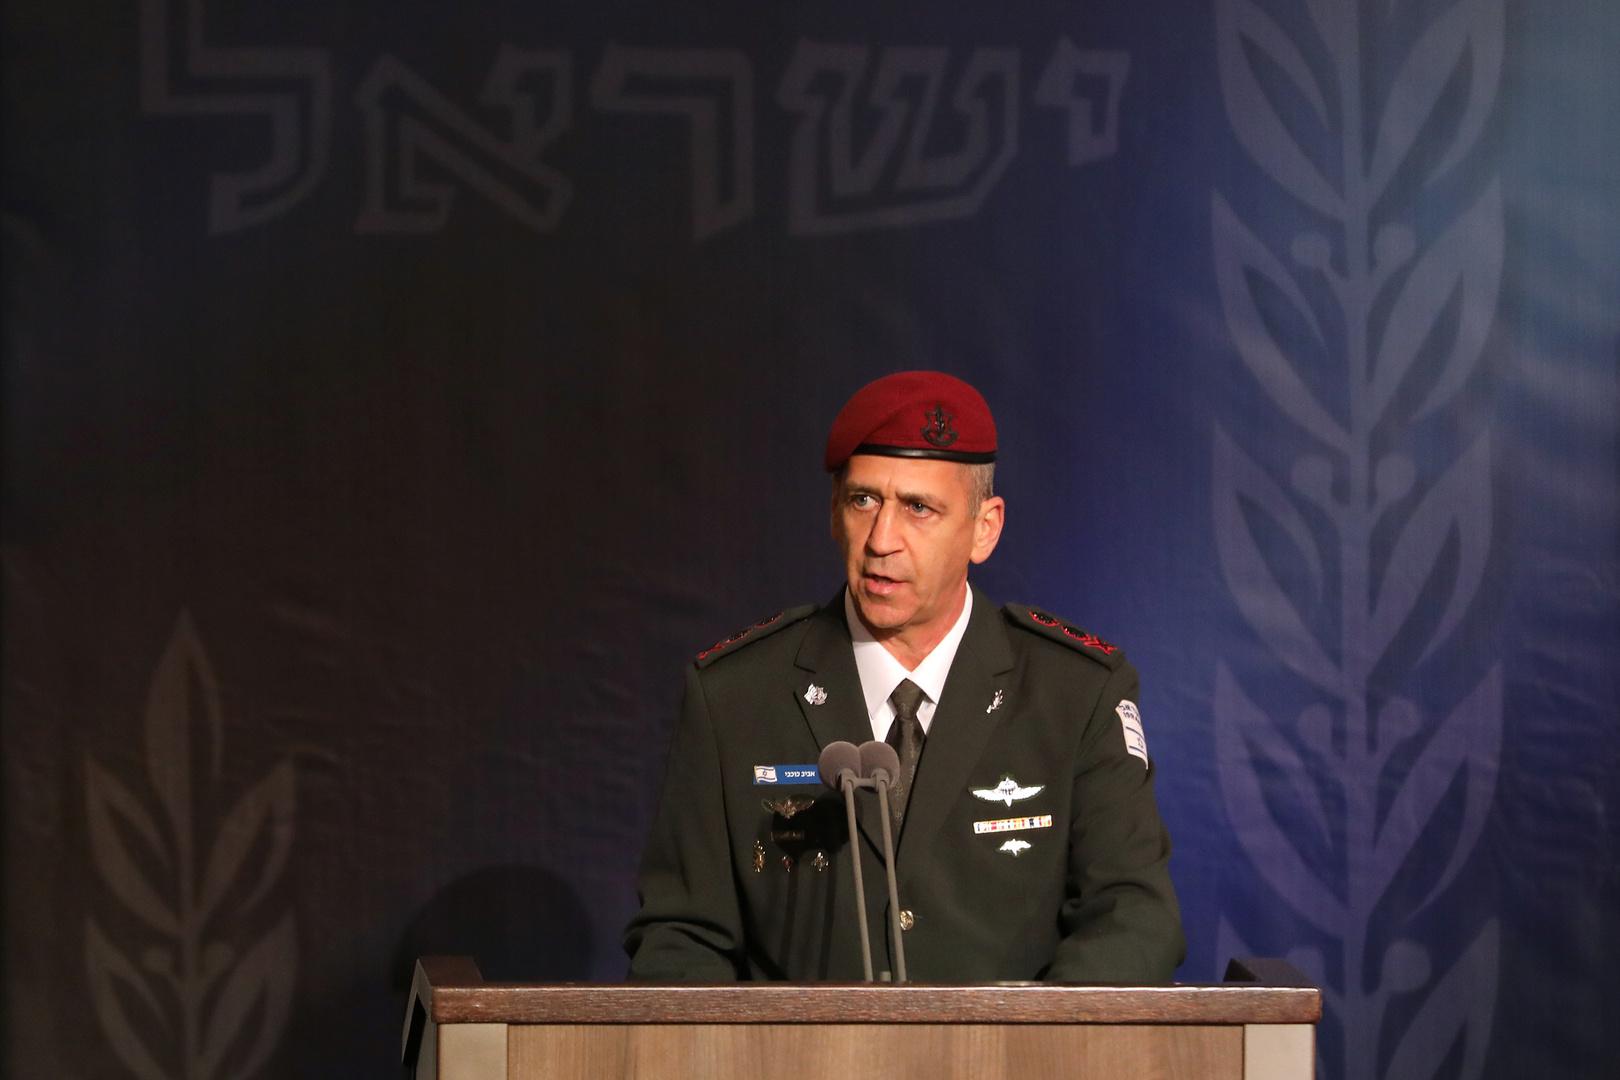 رئيس أركان الجيش الإسرائيلي يوعز بمواصلة استهداف النشطاء